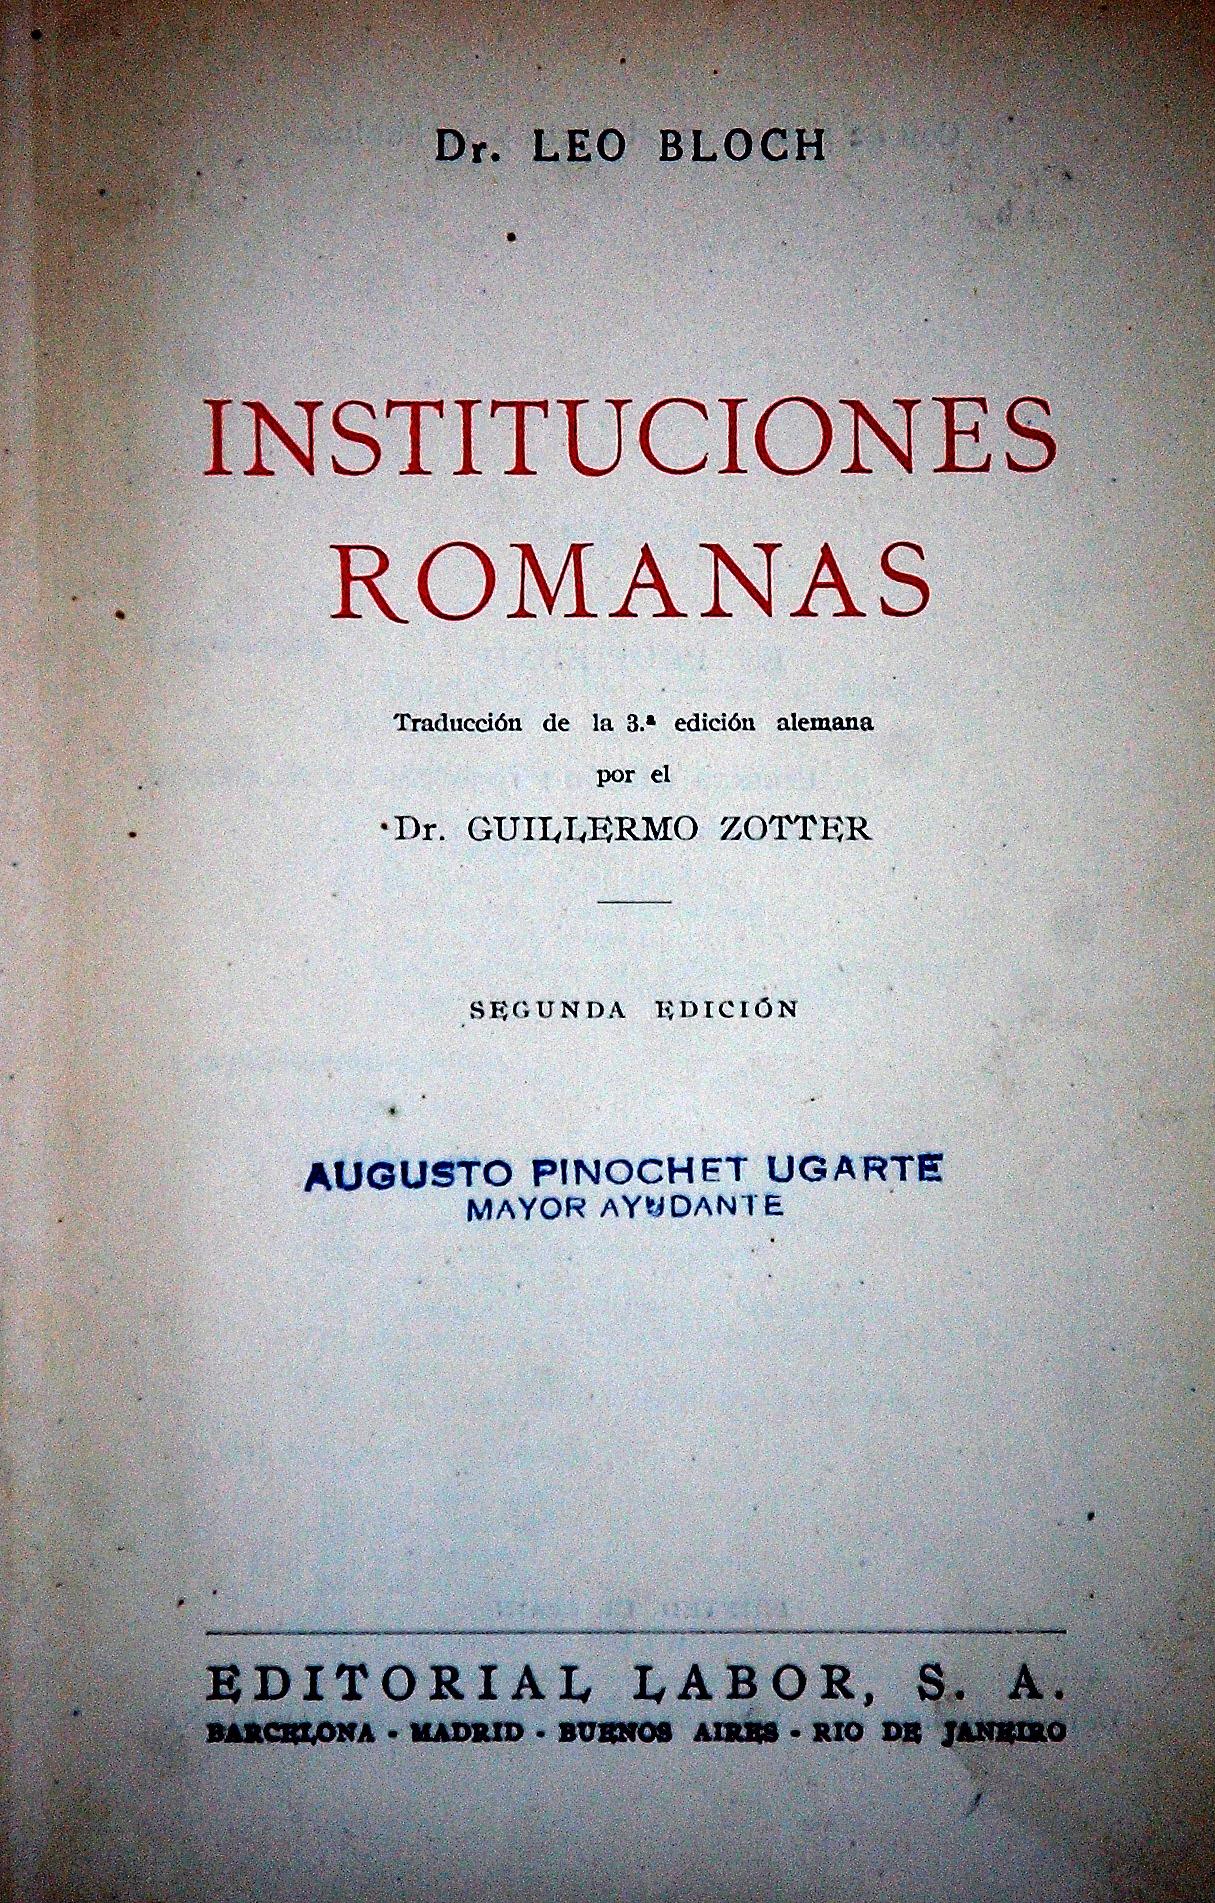 Libros de la librería de Luis Rivano